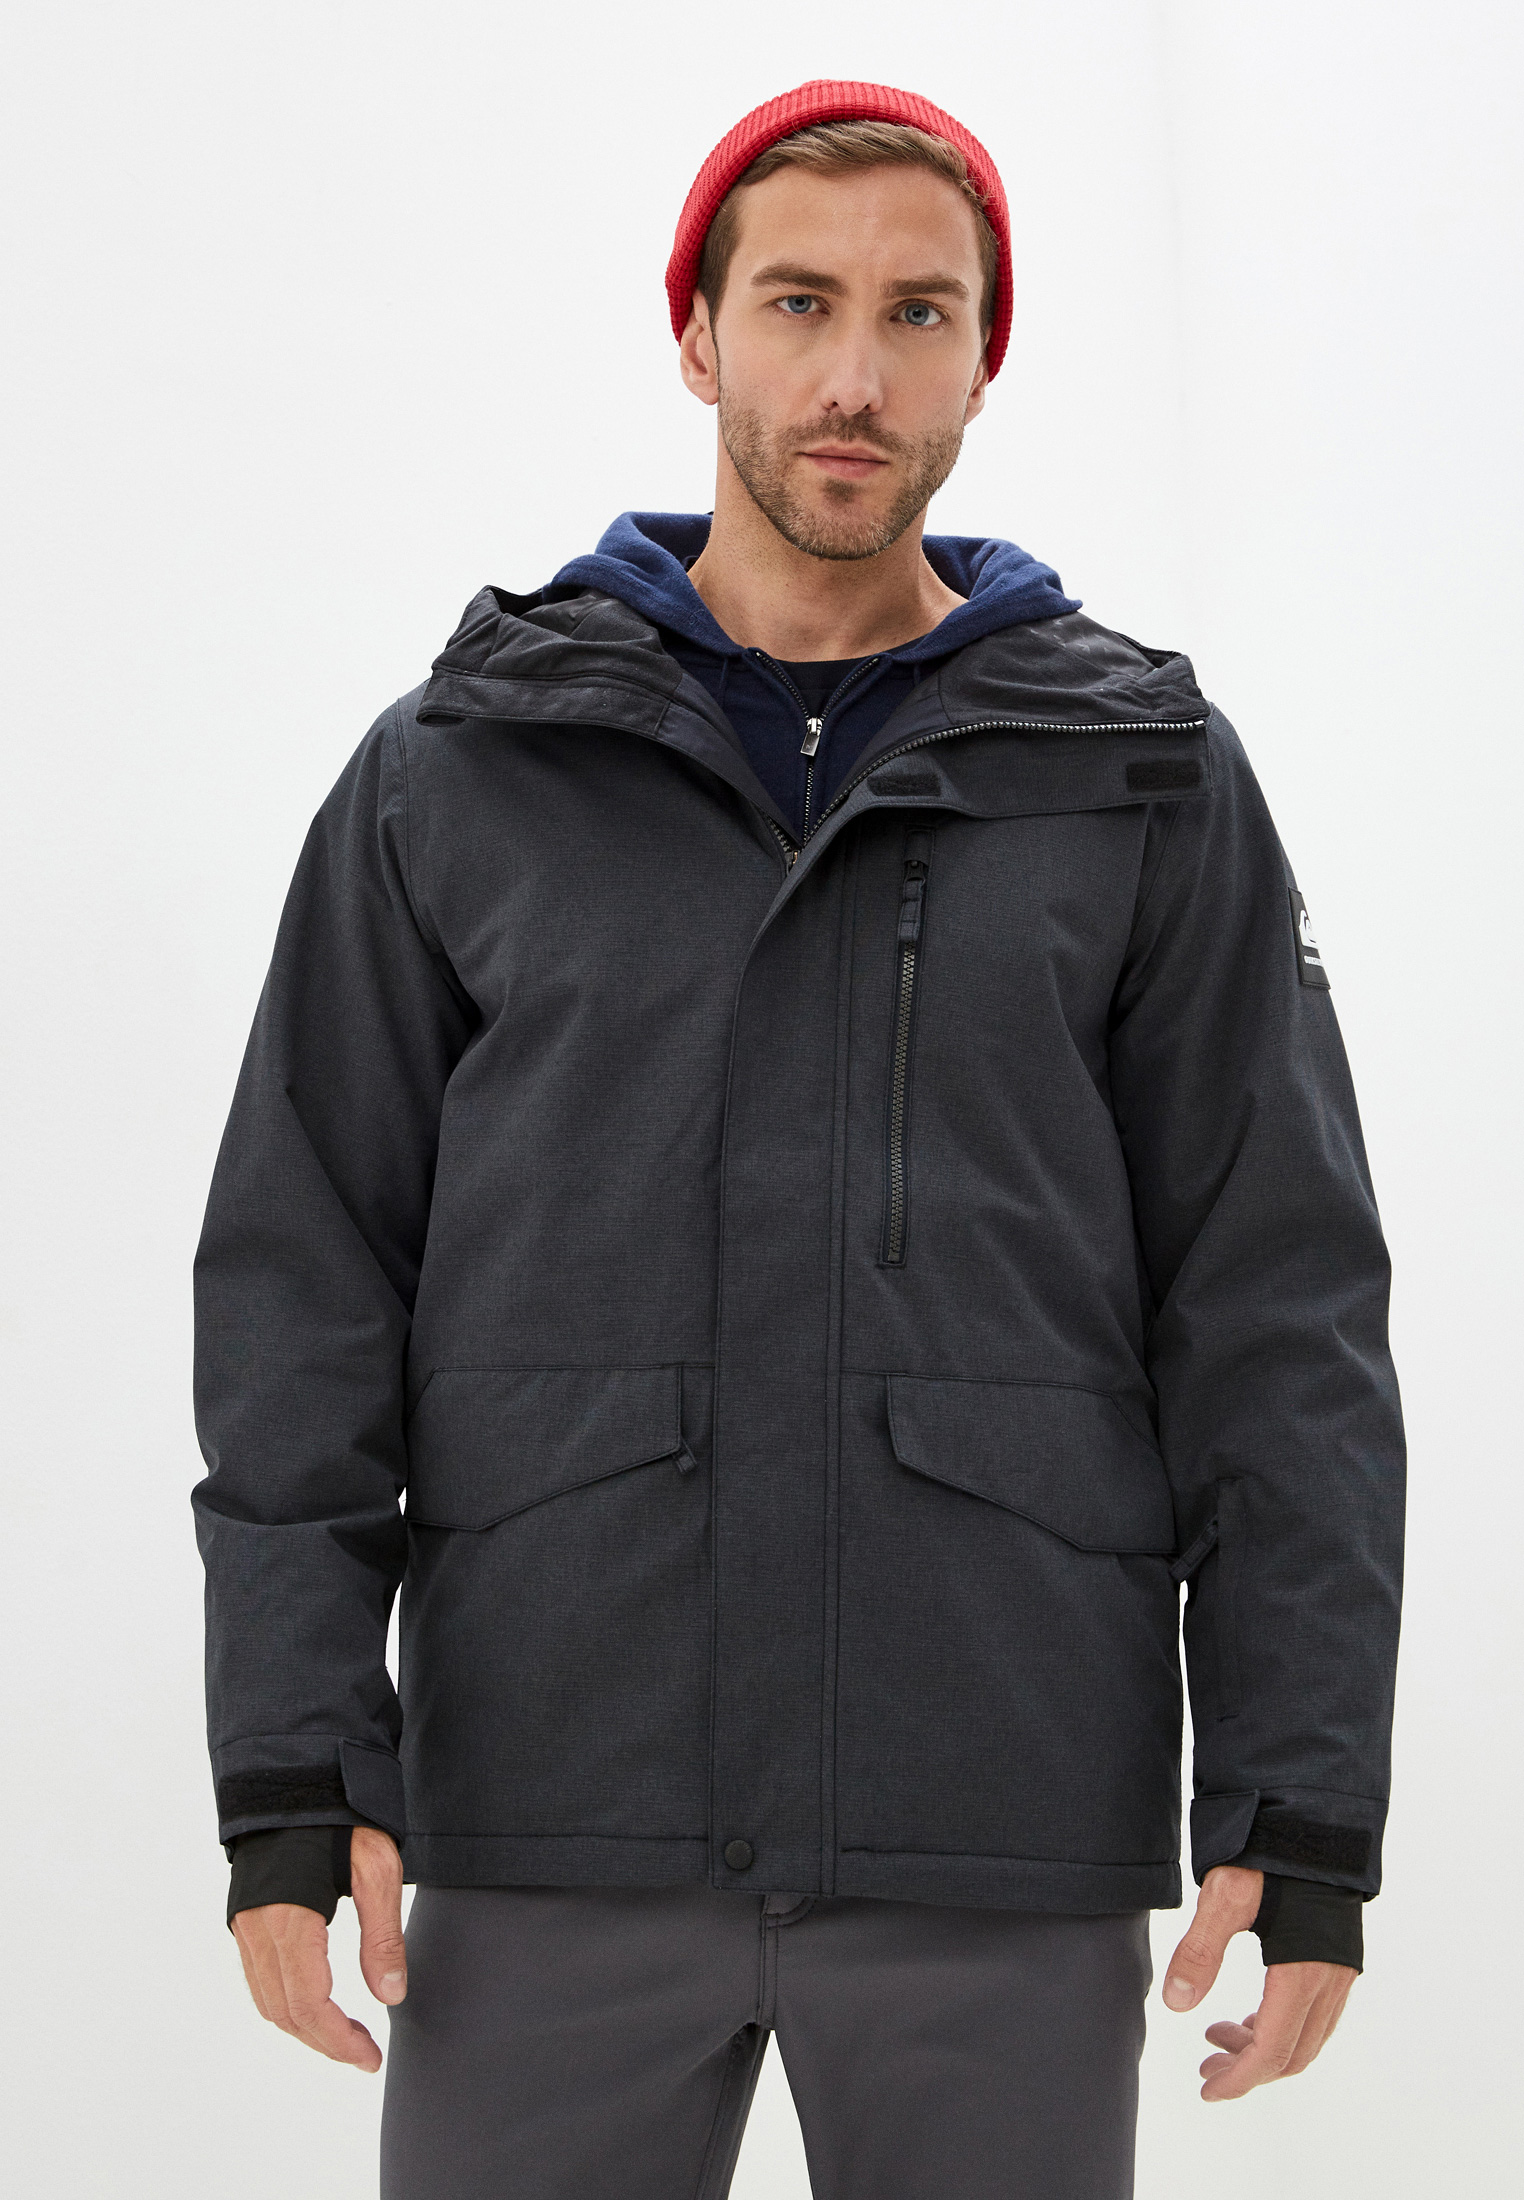 Мужская верхняя одежда Quiksilver (Квиксильвер) Куртка горнолыжная Quiksilver